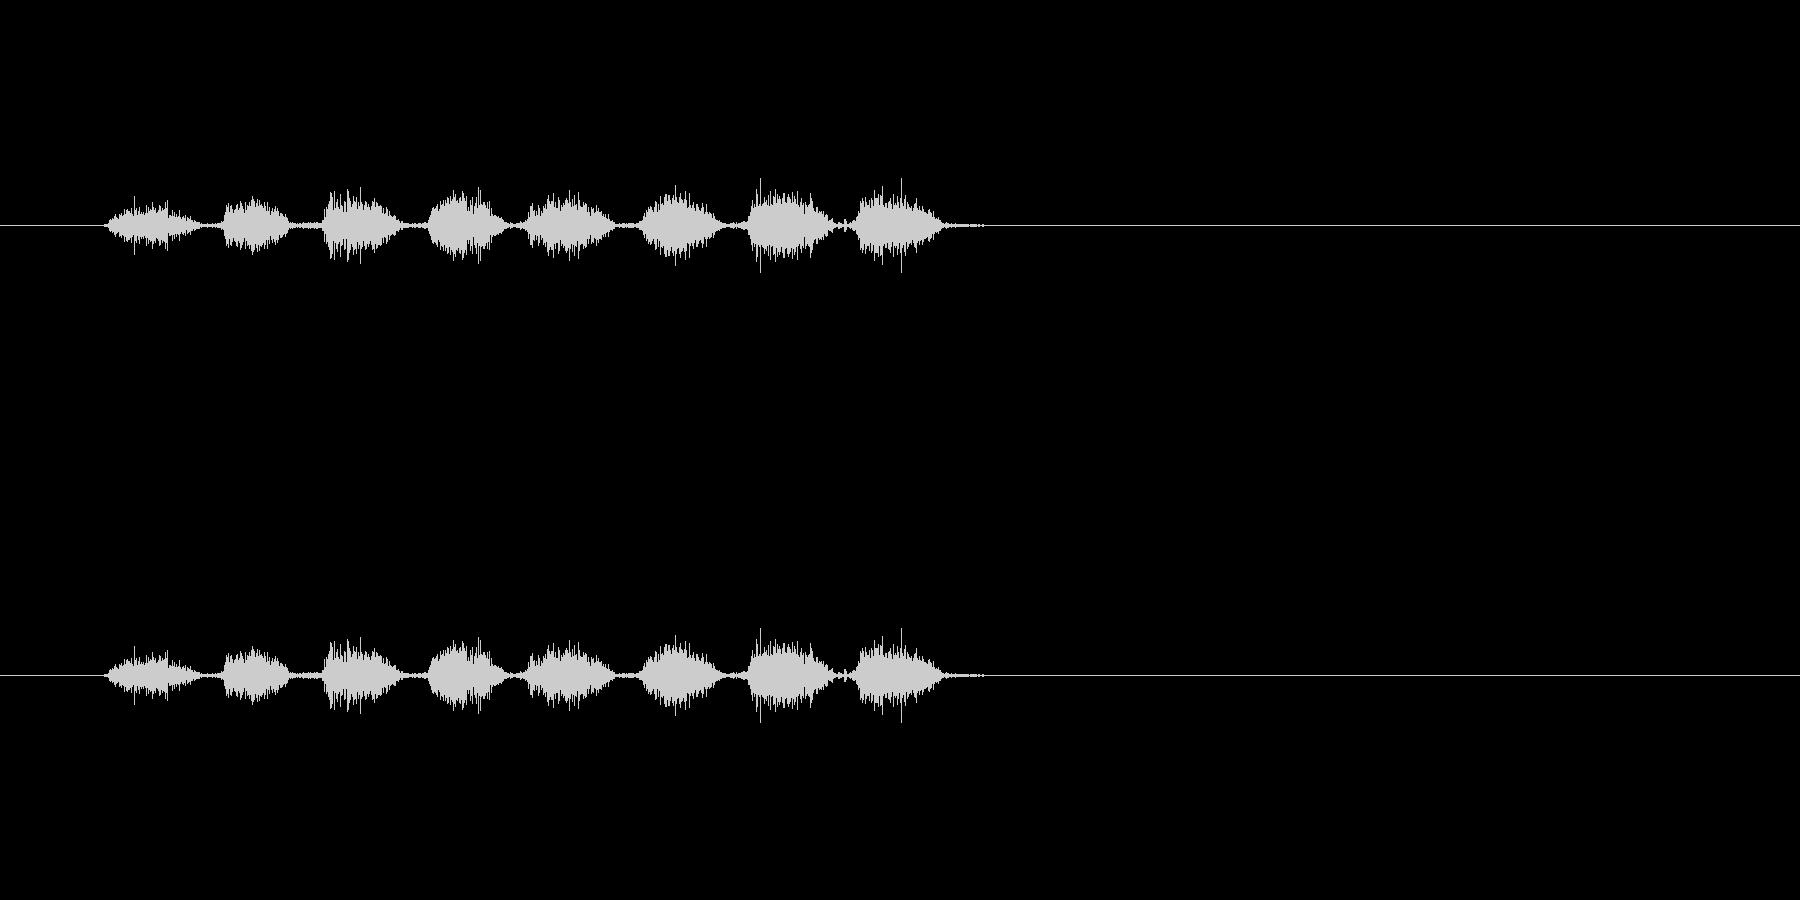 【消しゴム01-5(こする)】の未再生の波形